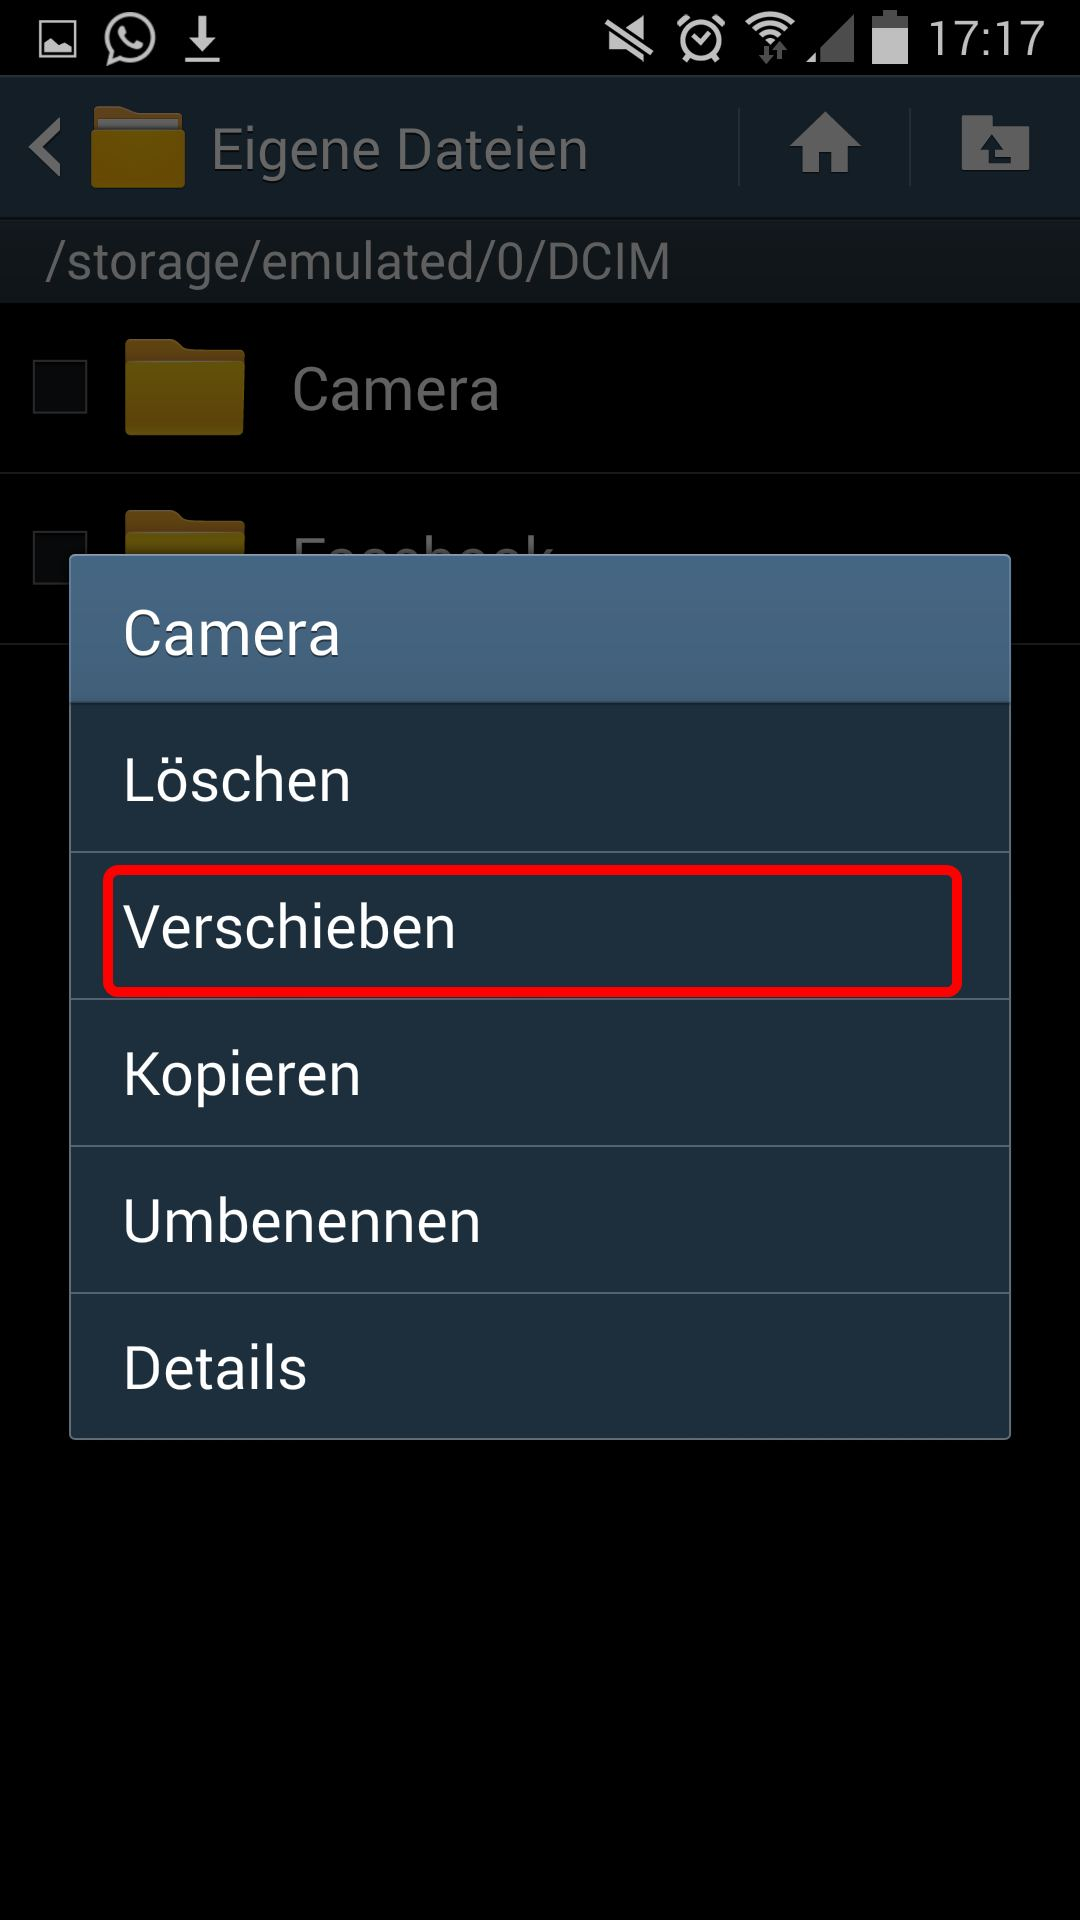 huawei bilder auf sd karte verschieben Bilder auf SD Karte verschieben oder speichern: So geht's bei Android